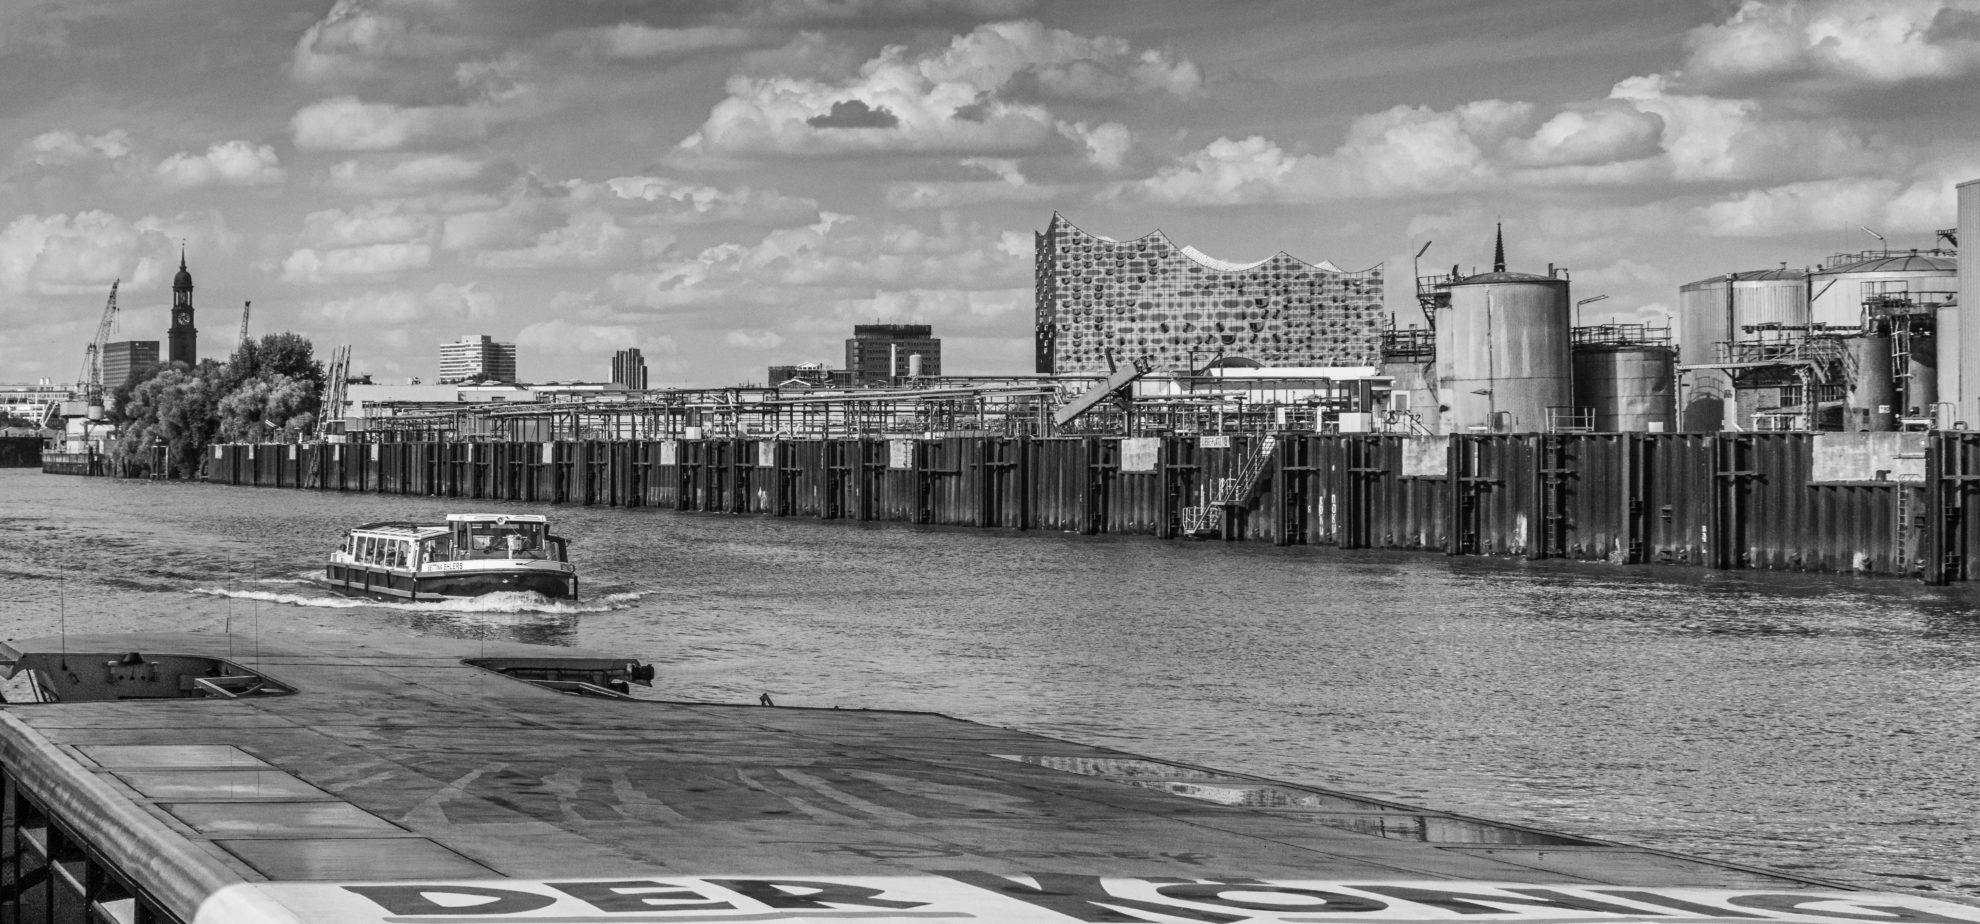 Hamburger Hafenbarkasse Bettina Ehlers und Elbphiharmonie - Argentinienbrücke Hamburg (Black&White)